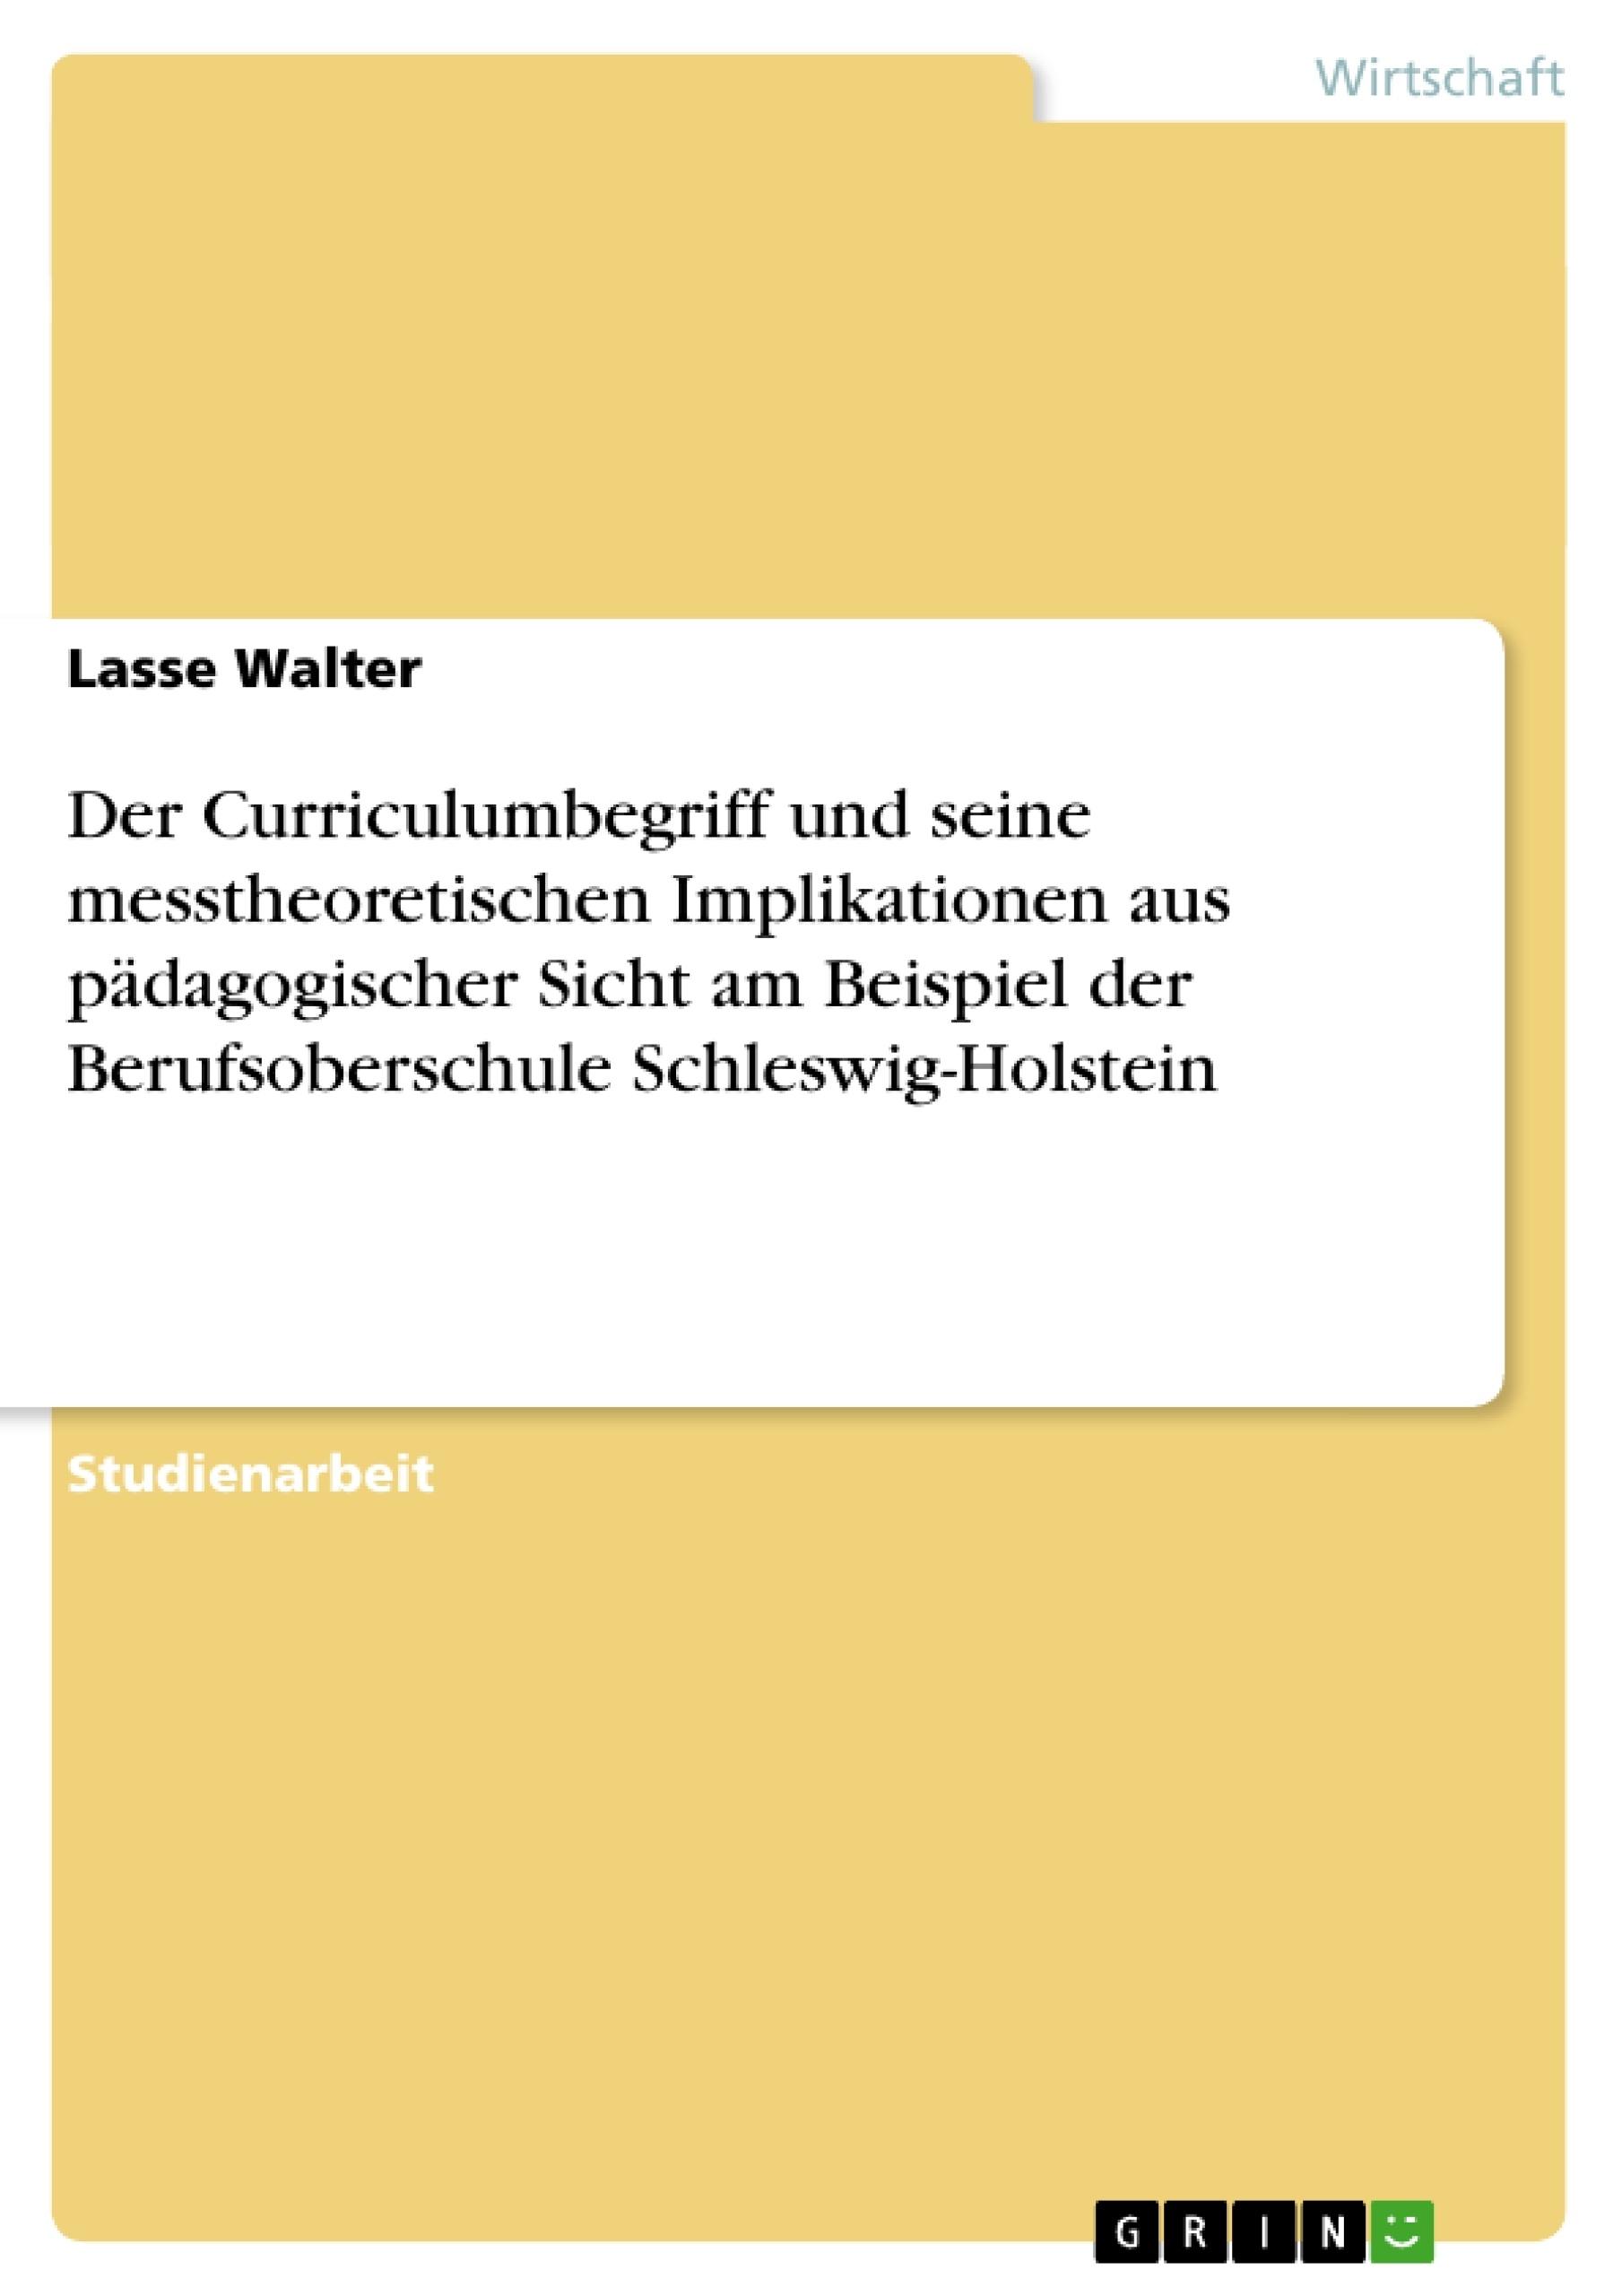 Titel: Der Curriculumbegriff und seine messtheoretischen Implikationen aus pädagogischer Sicht am Beispiel der Berufsoberschule Schleswig-Holstein